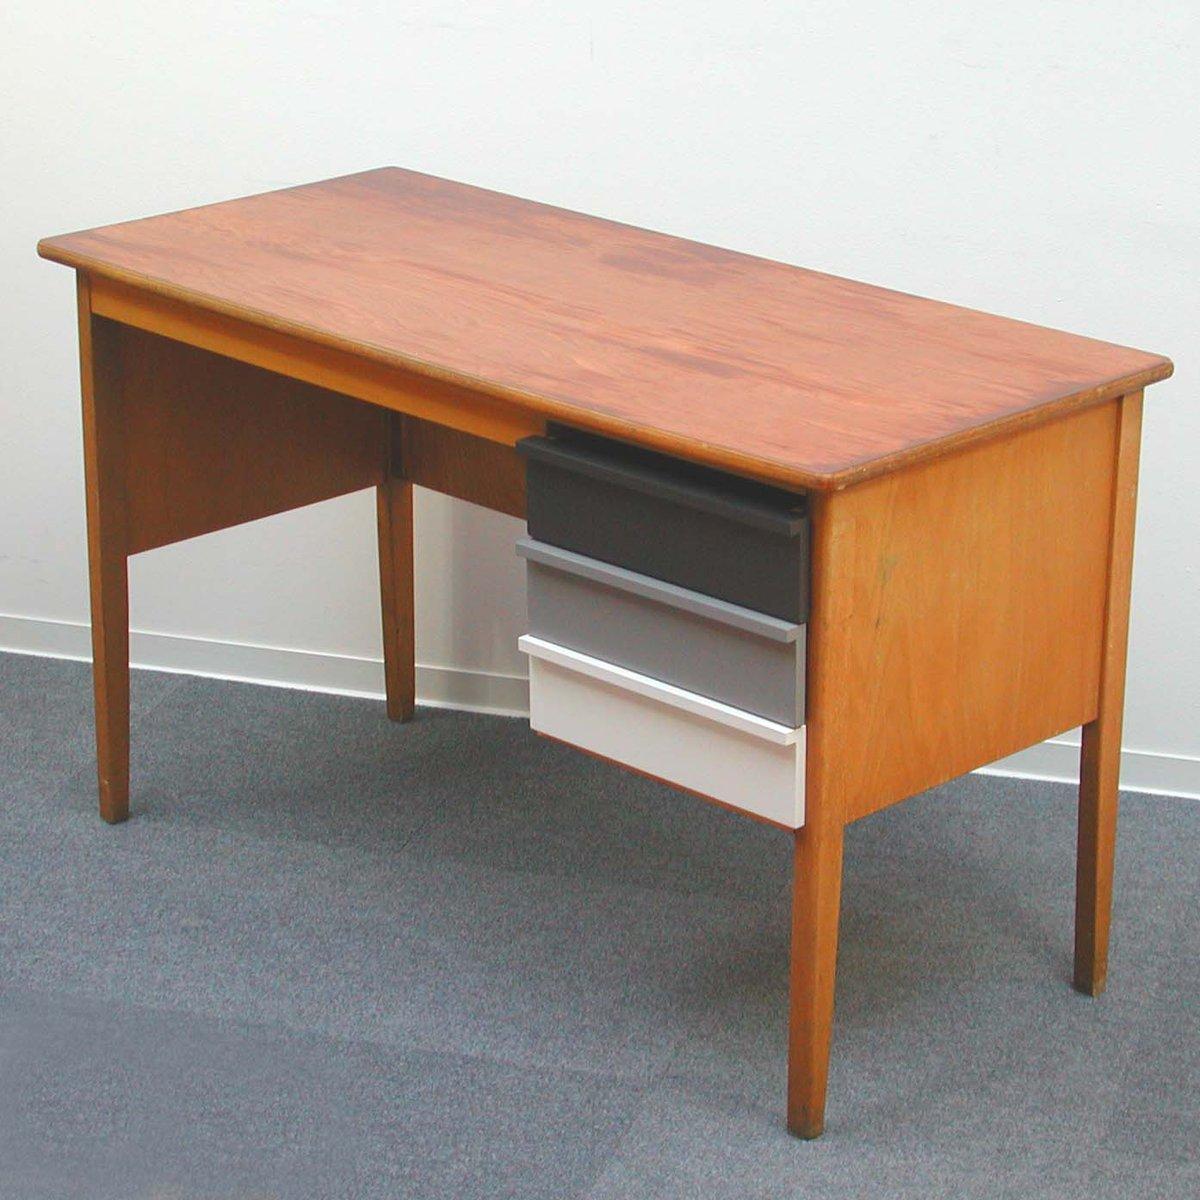 vintage wooden teacher 39 s desk 1960s for sale at pamono. Black Bedroom Furniture Sets. Home Design Ideas